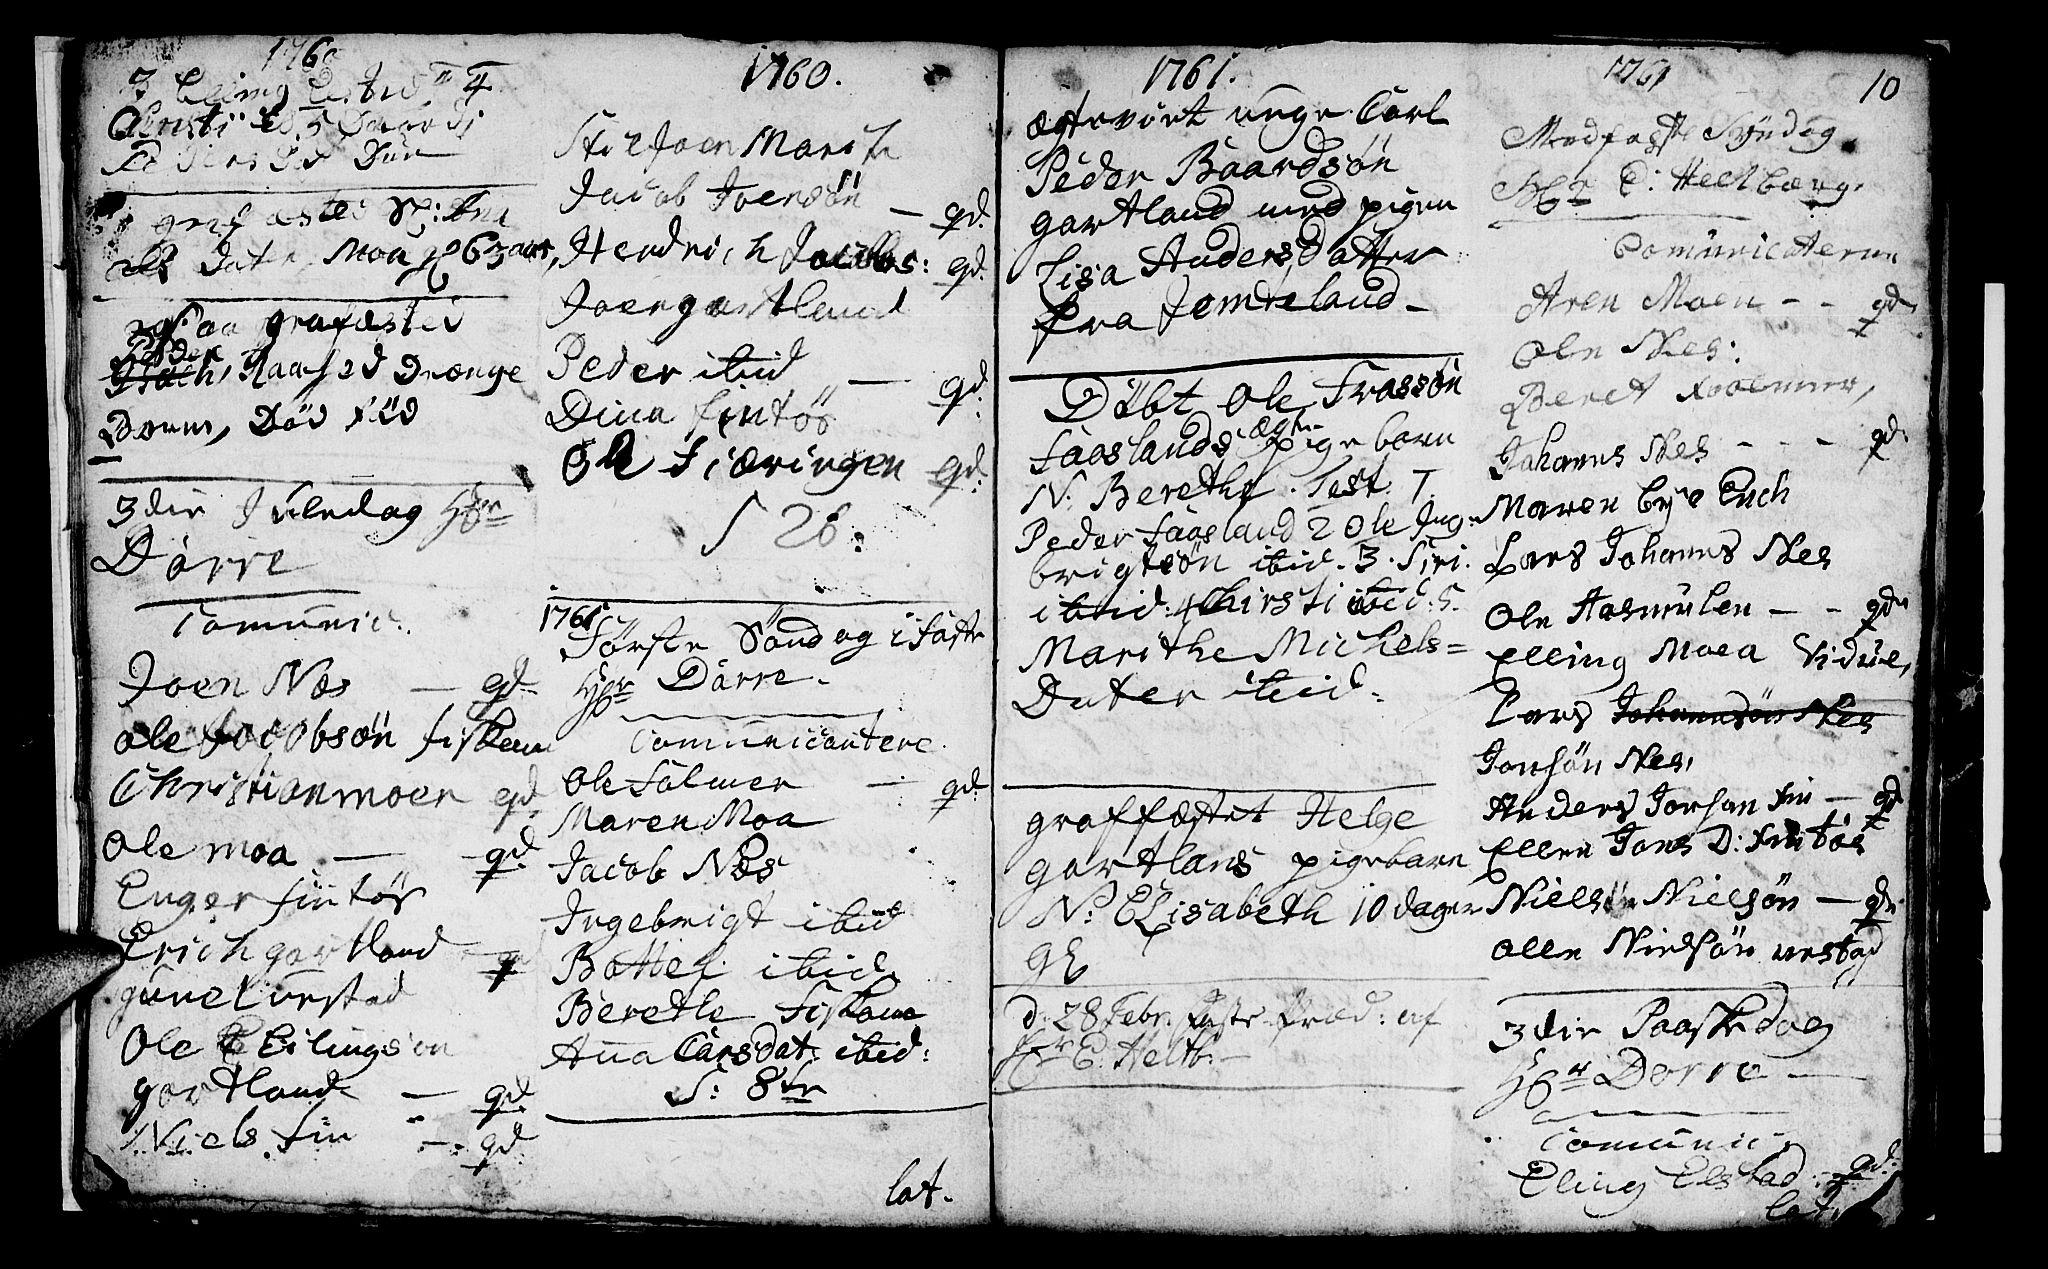 SAT, Ministerialprotokoller, klokkerbøker og fødselsregistre - Nord-Trøndelag, 759/L0526: Ministerialbok nr. 759A02, 1758-1765, s. 10